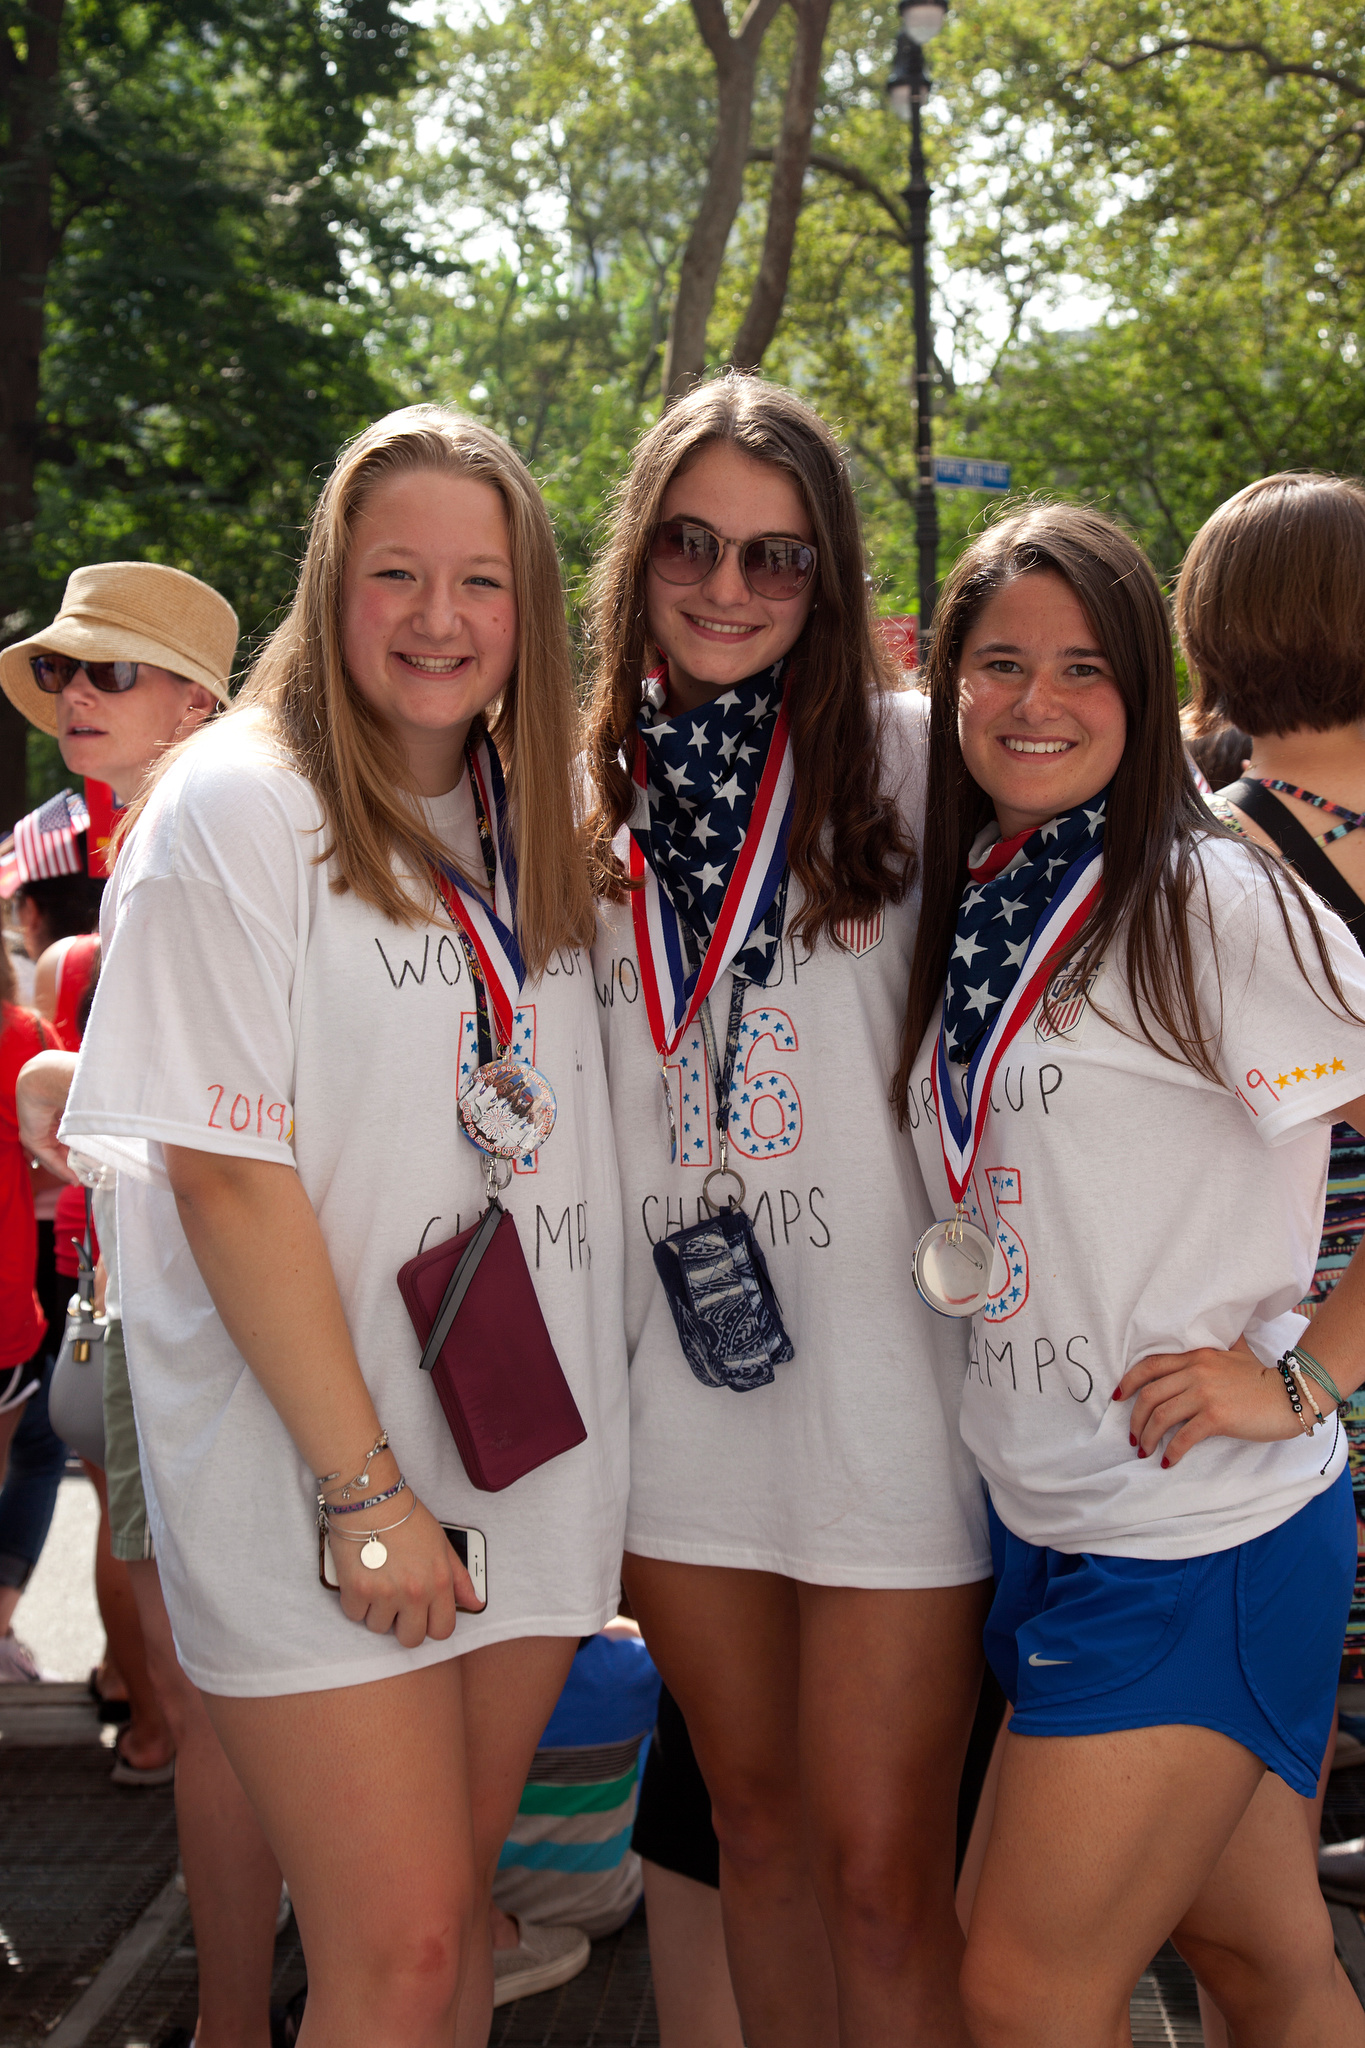 Krista Hudzikiewizz, Madelyn Seder, and Alicia Bibi